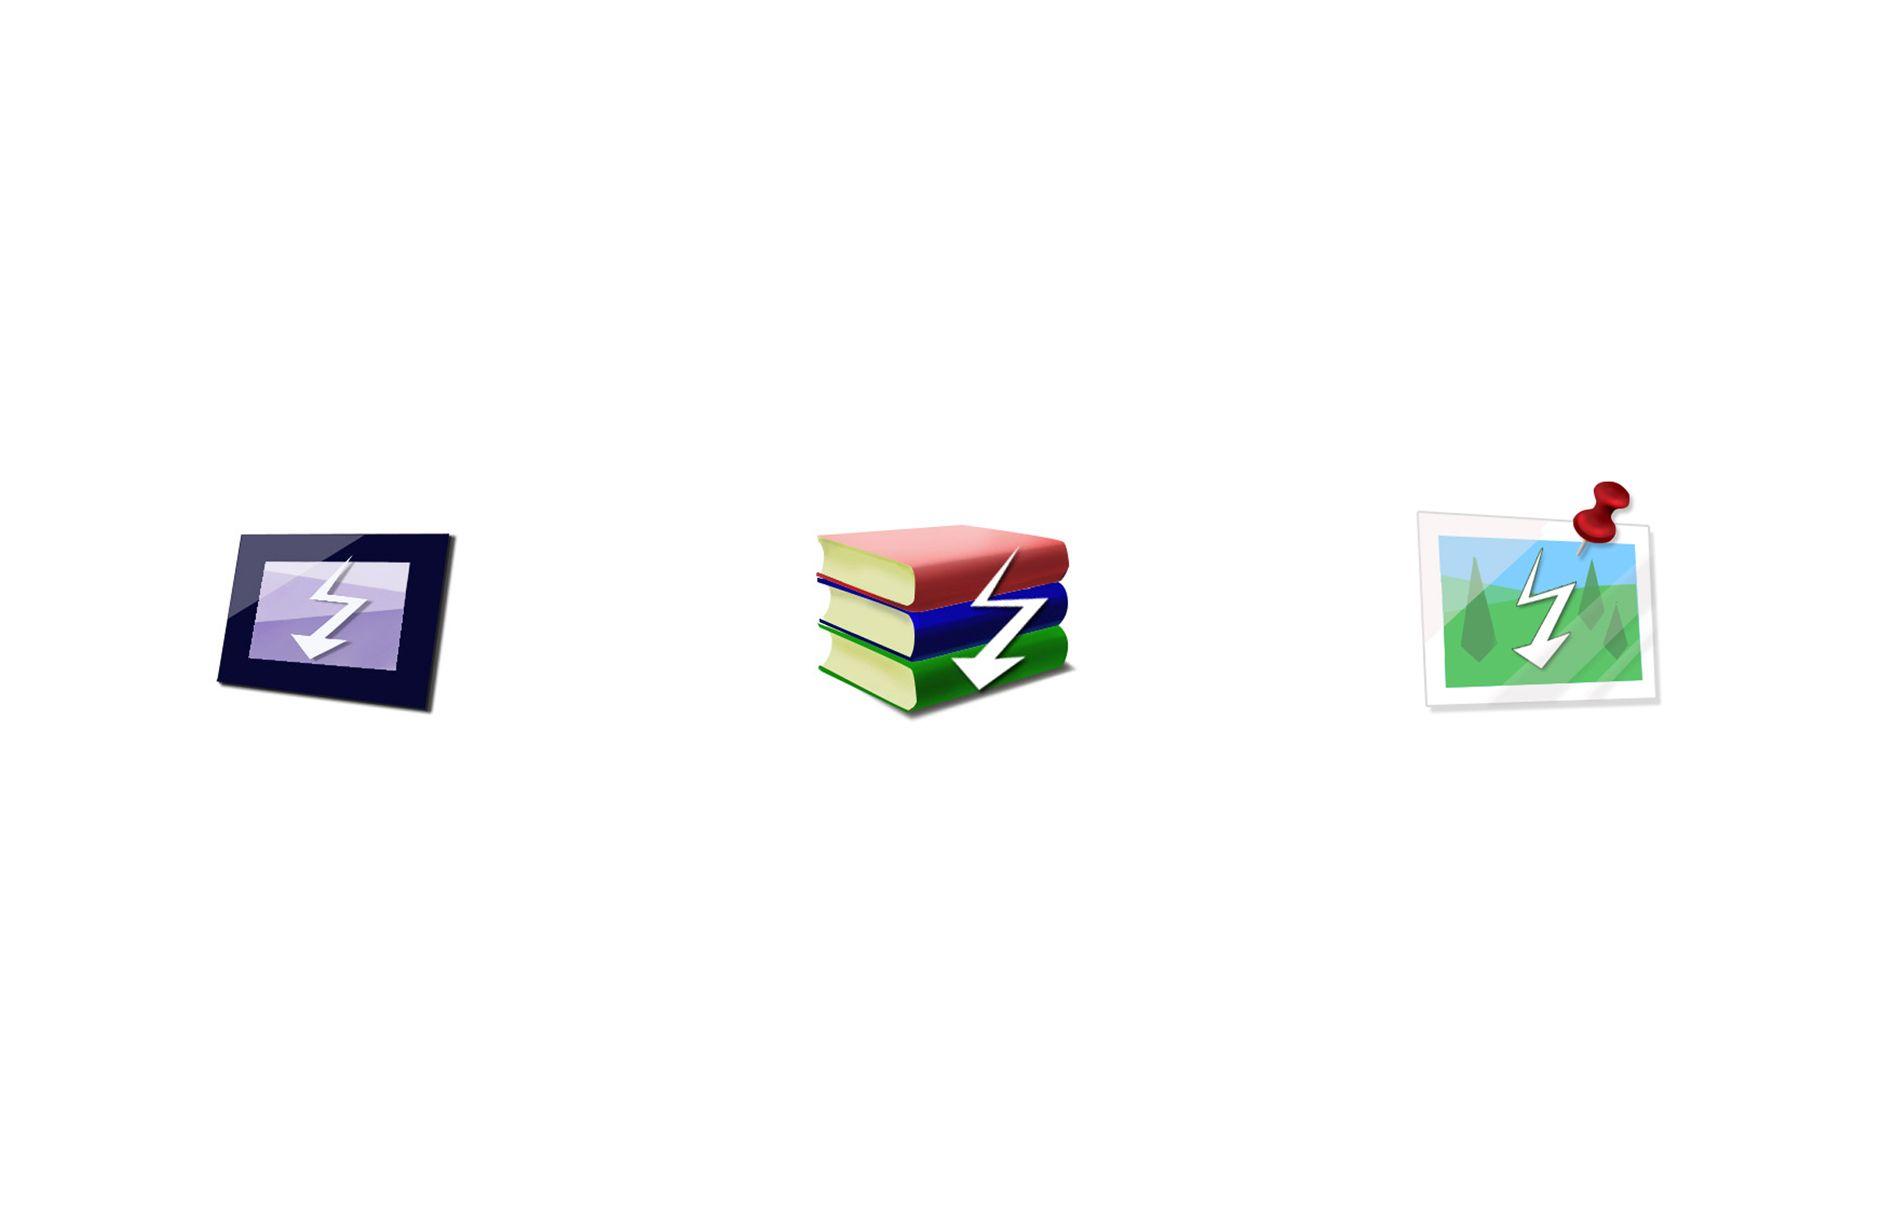 Иконки для плагинов - дизайнер KatyaKott